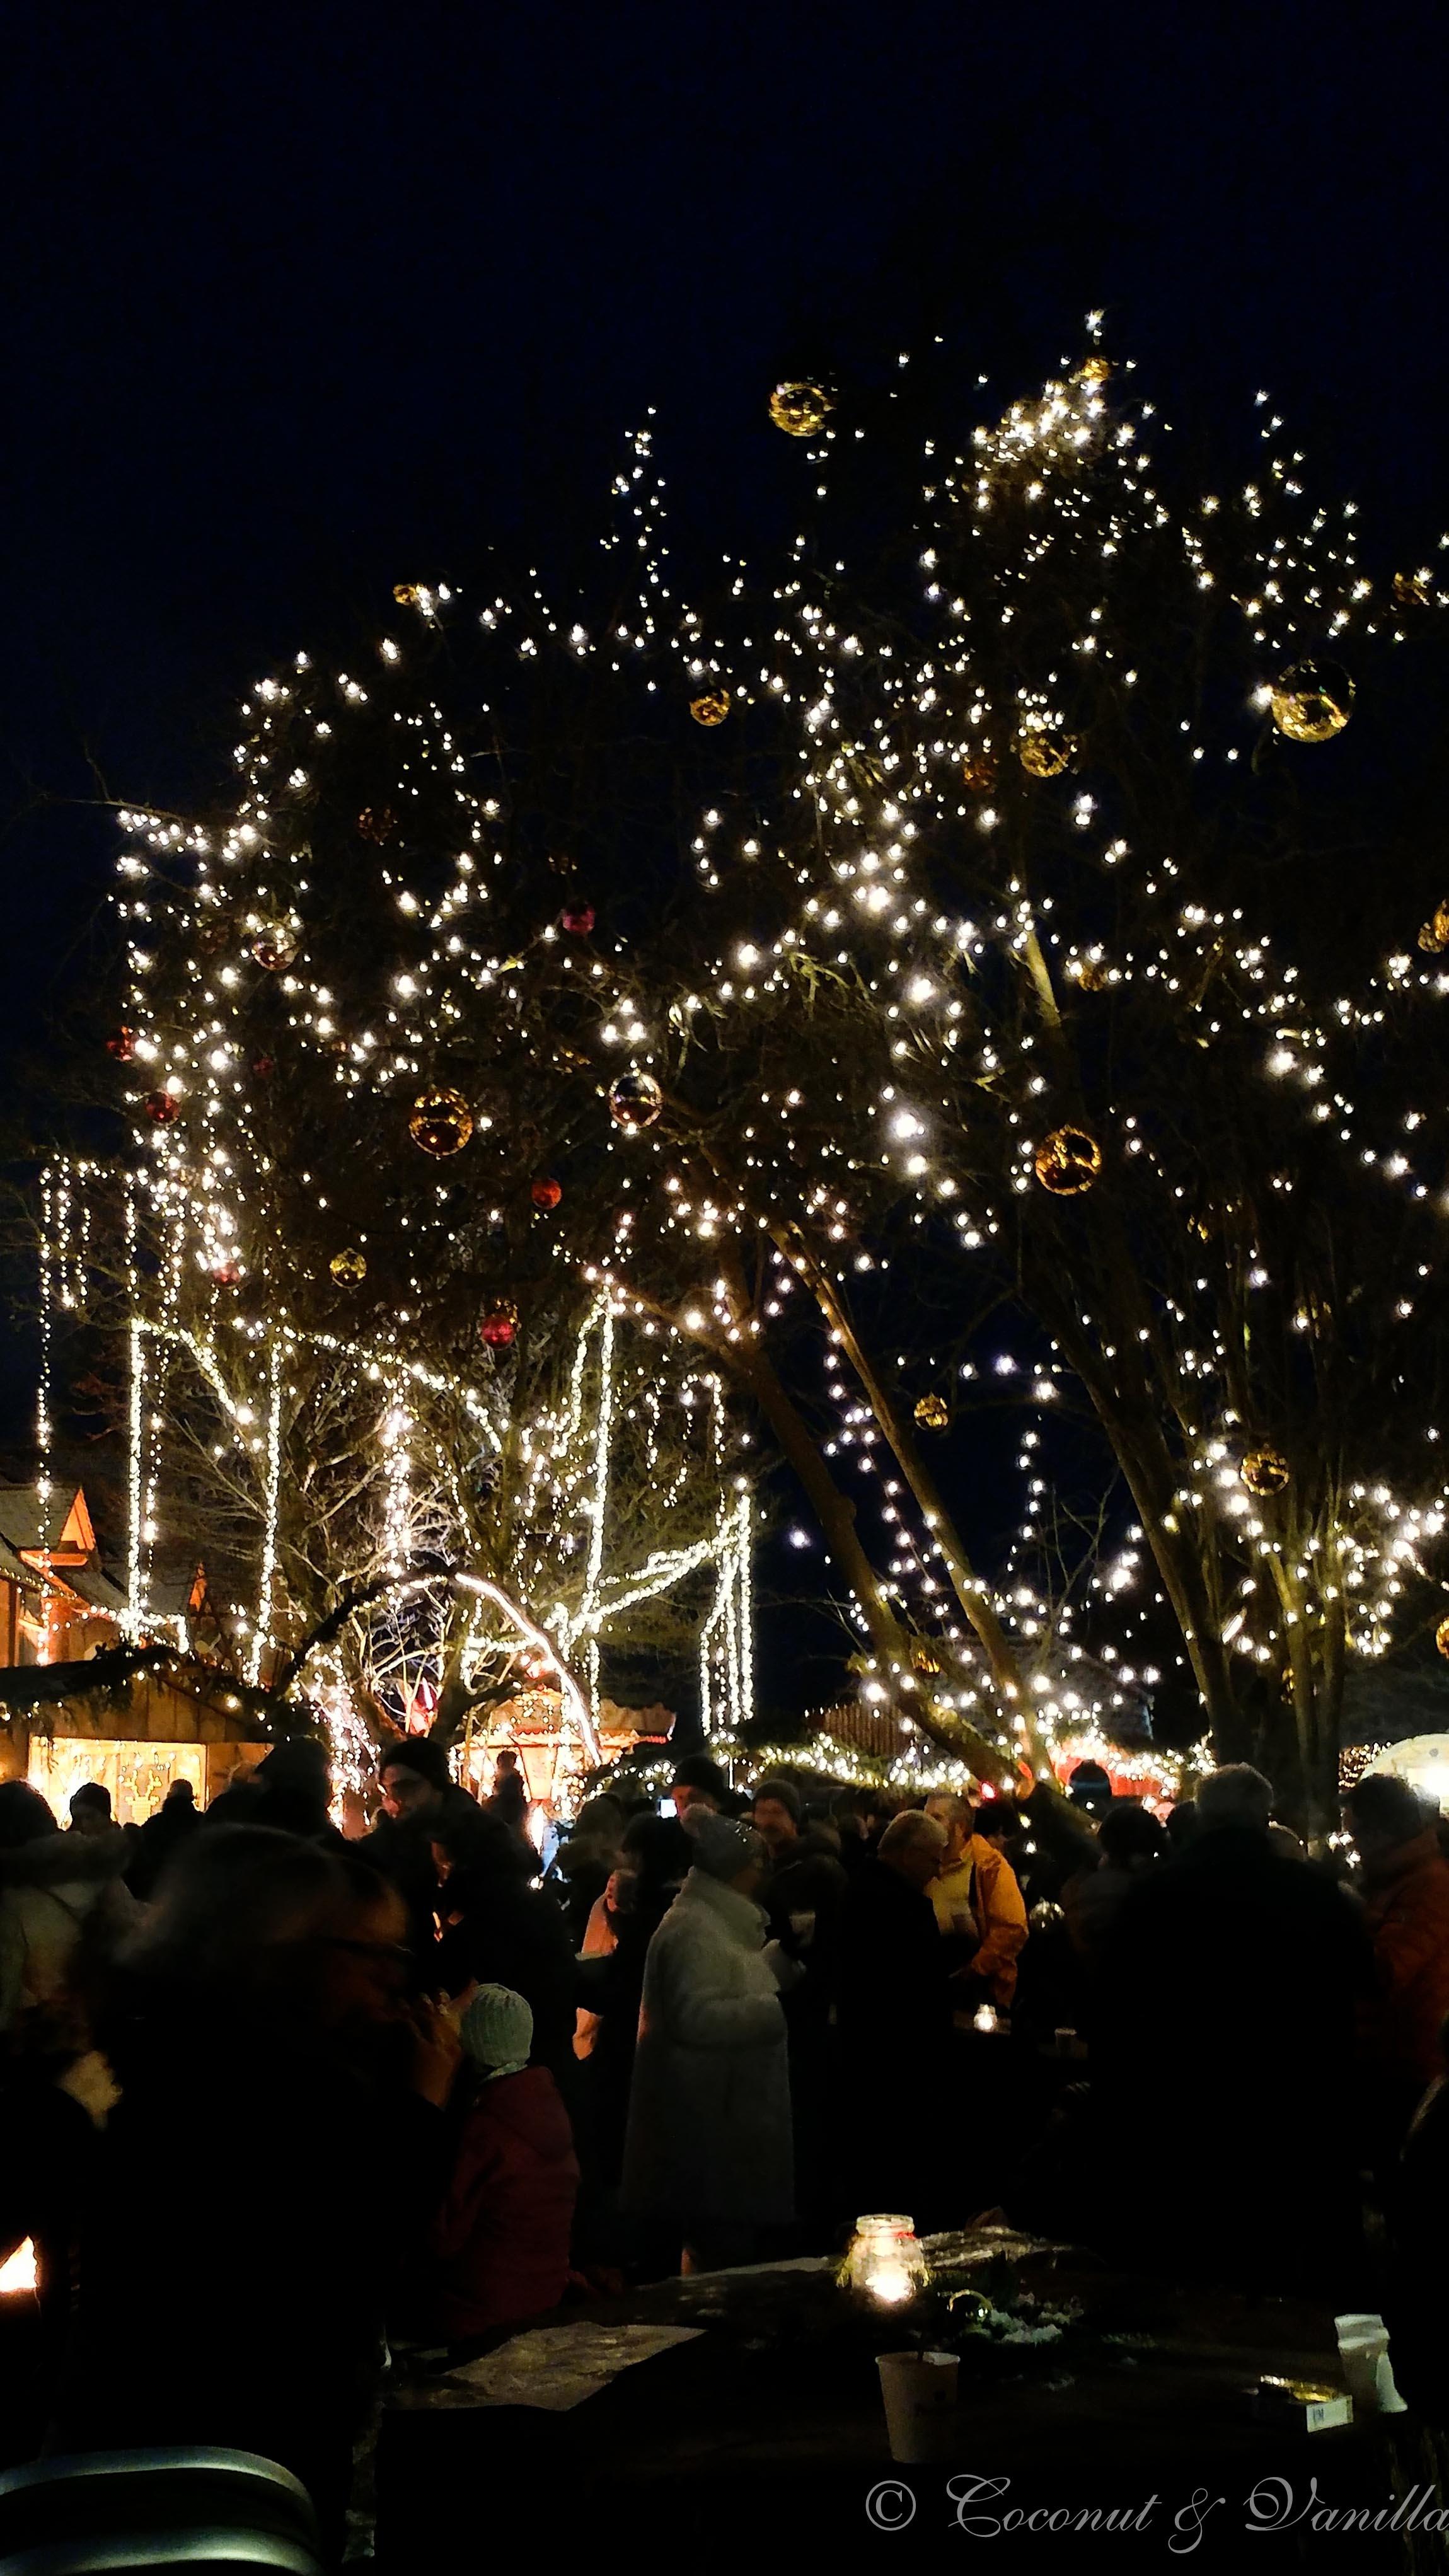 Romantischer Weihnachtsmarkt auf Gut Wolfgangshof in Anwanden/Zirndorf bei Fürth by Coconut & Vanilla